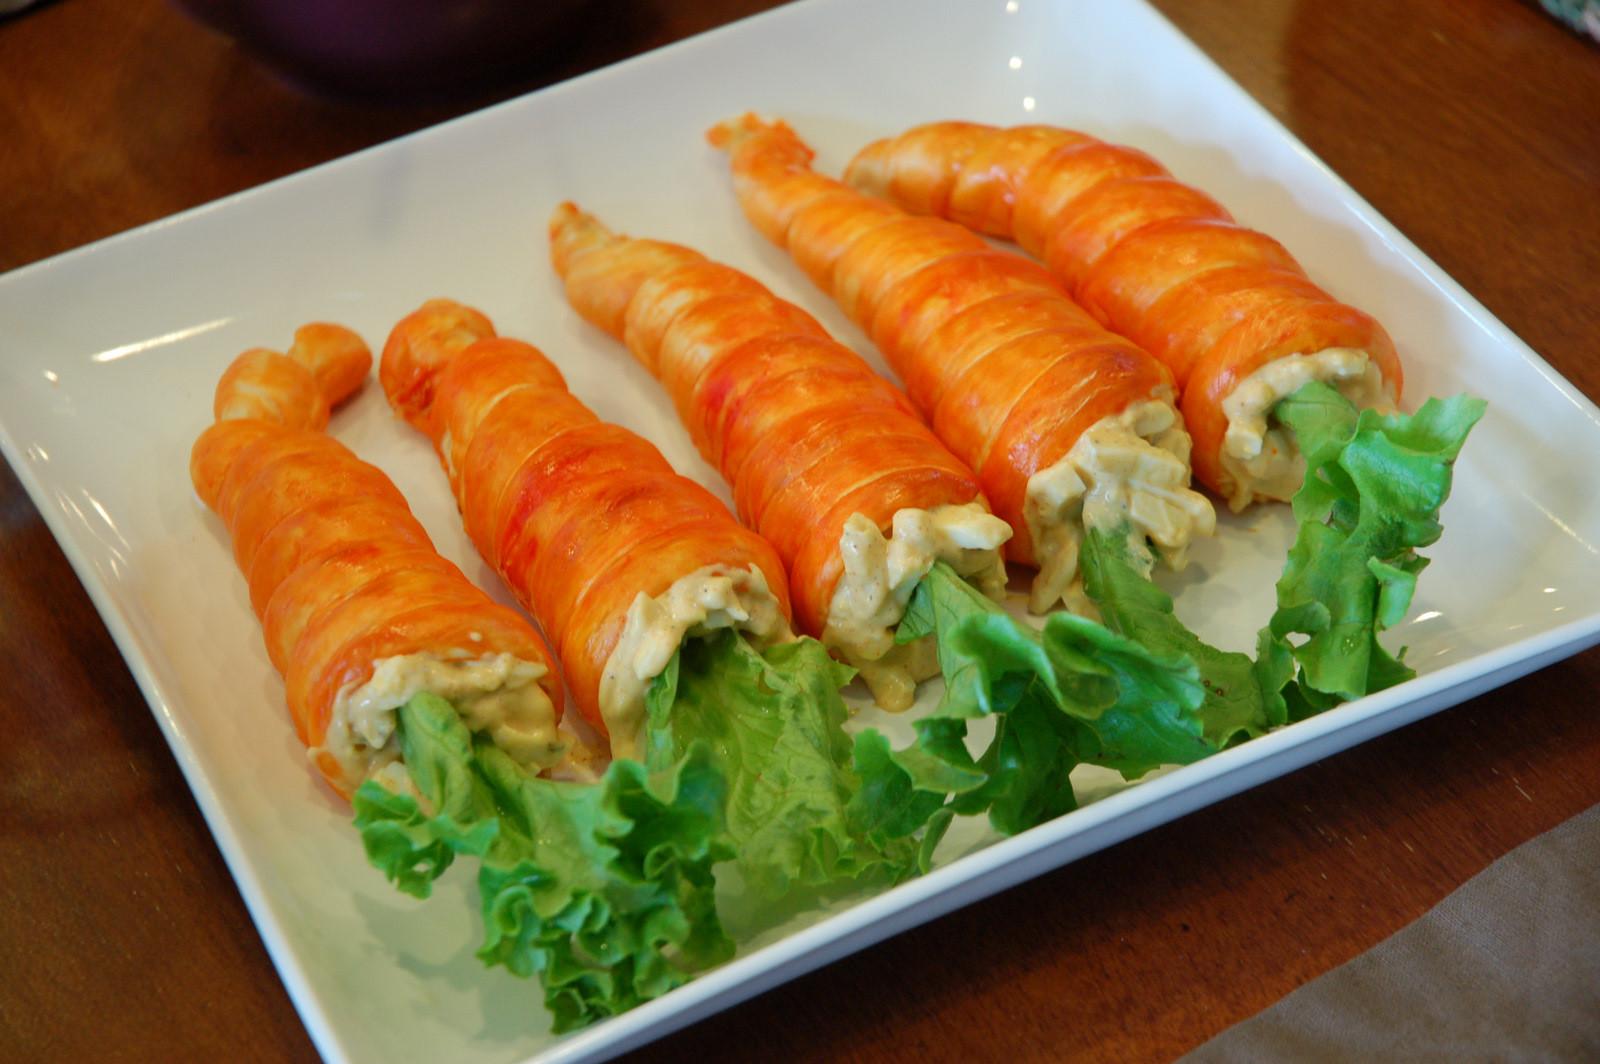 Easter Dinner Food  restlessrisa Easter Dinner Carrot Rolls & Resurrection Rolls